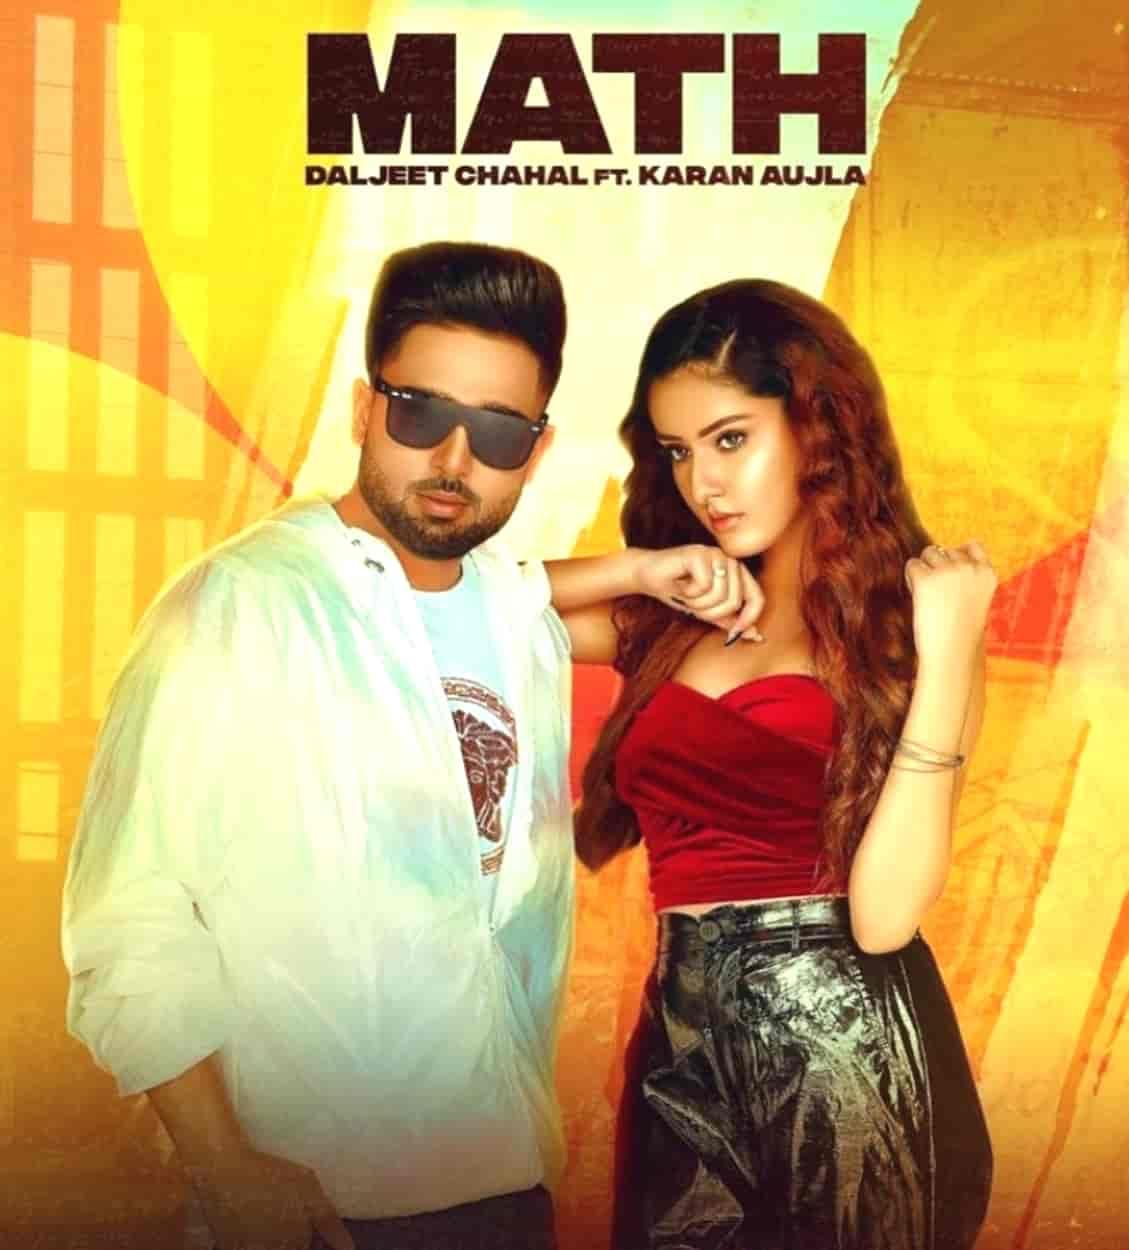 Math Punjabi Song Image Features Karan Aujla and Daljit Chahal